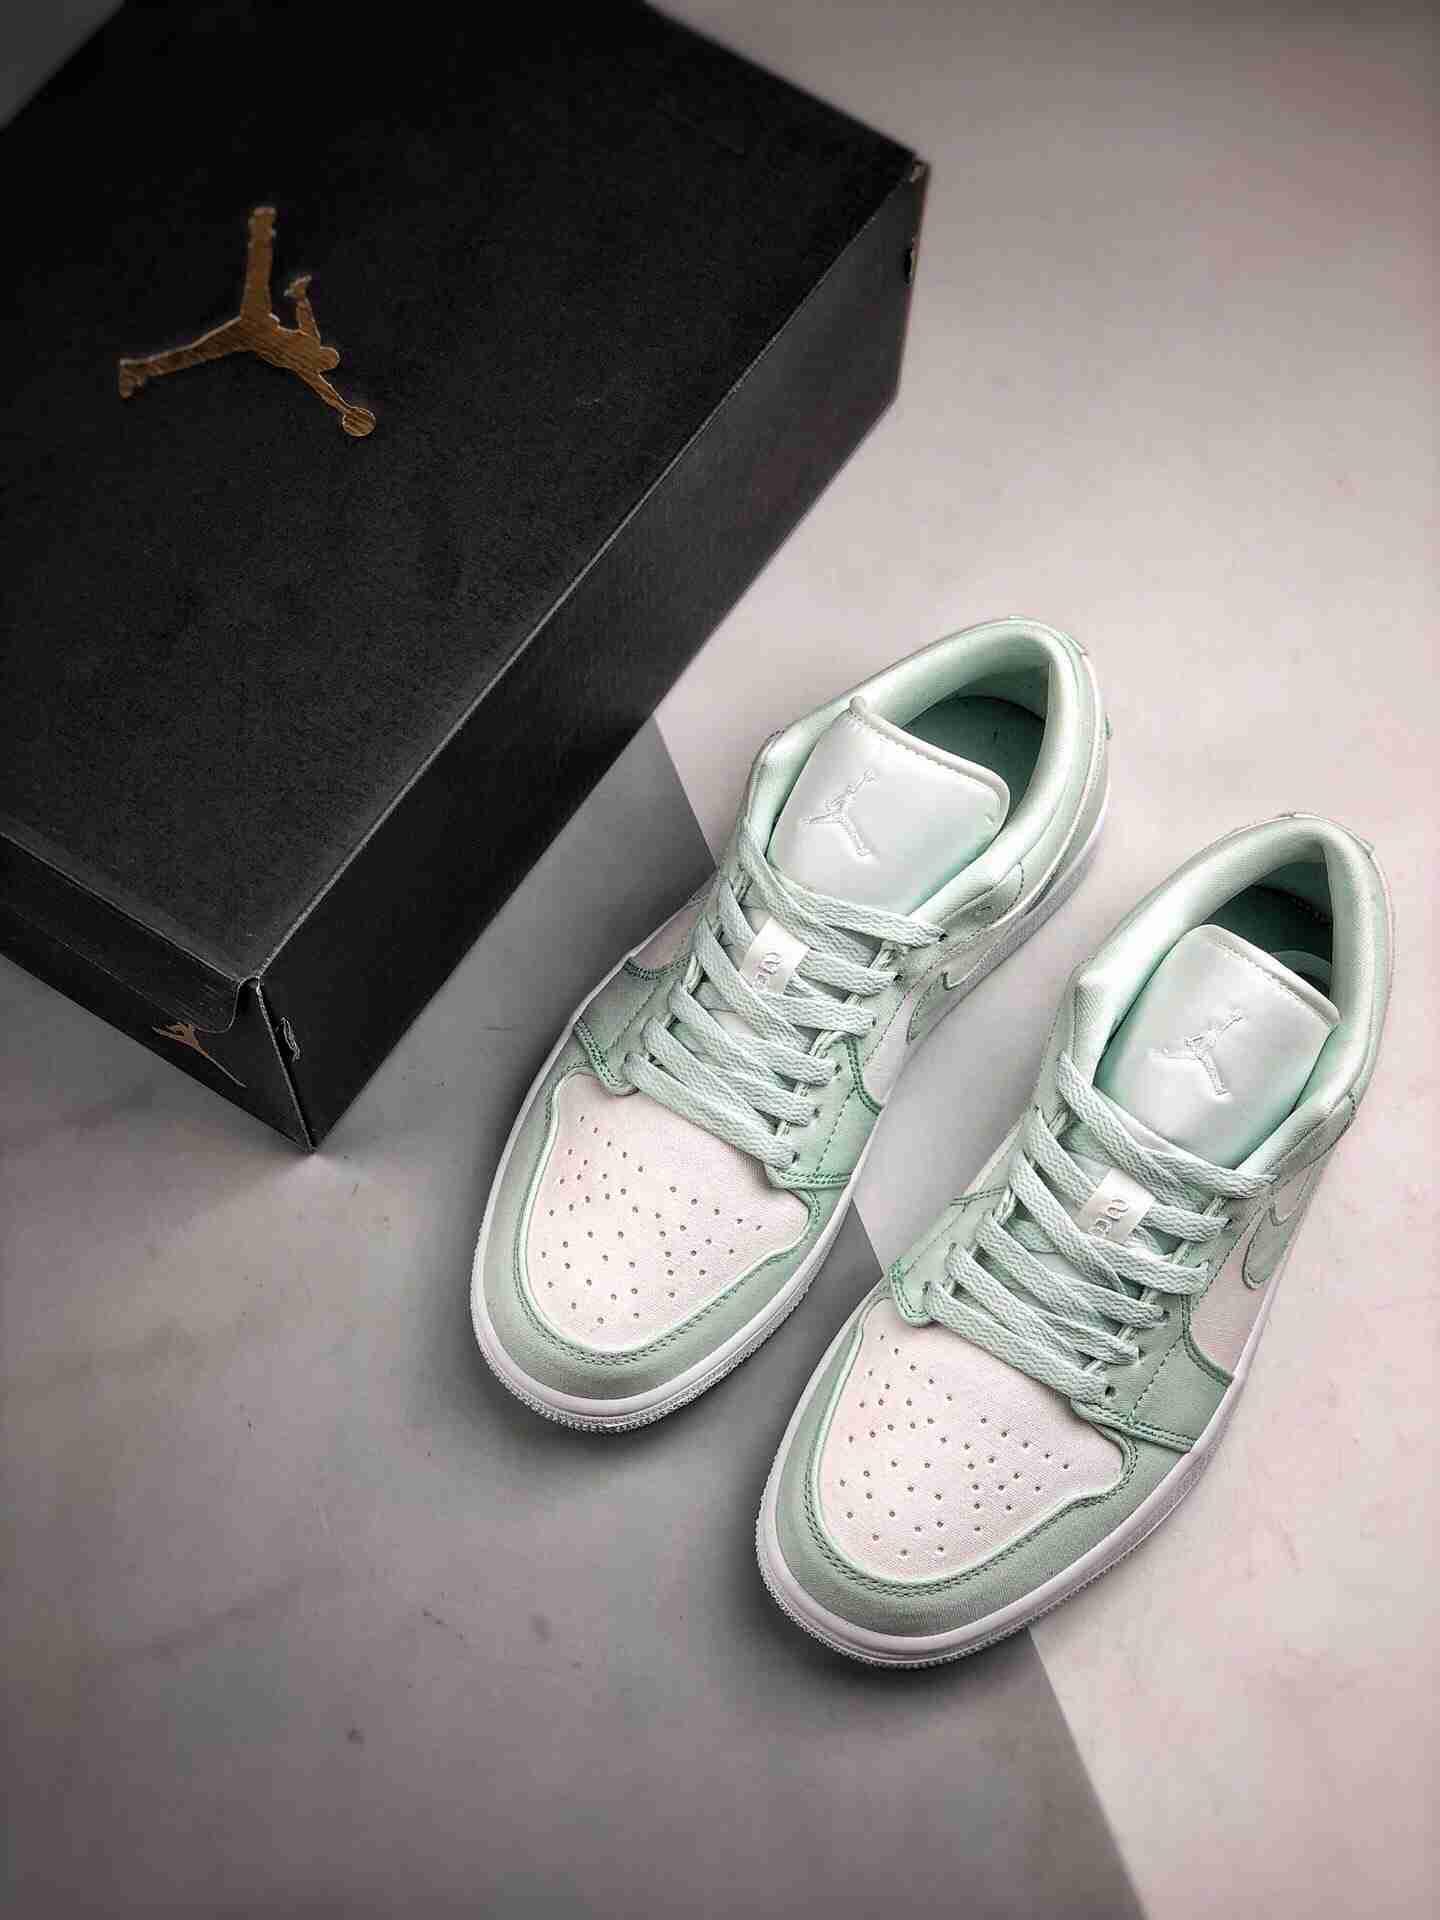 Air Jordan 1 Low 薄荷绿